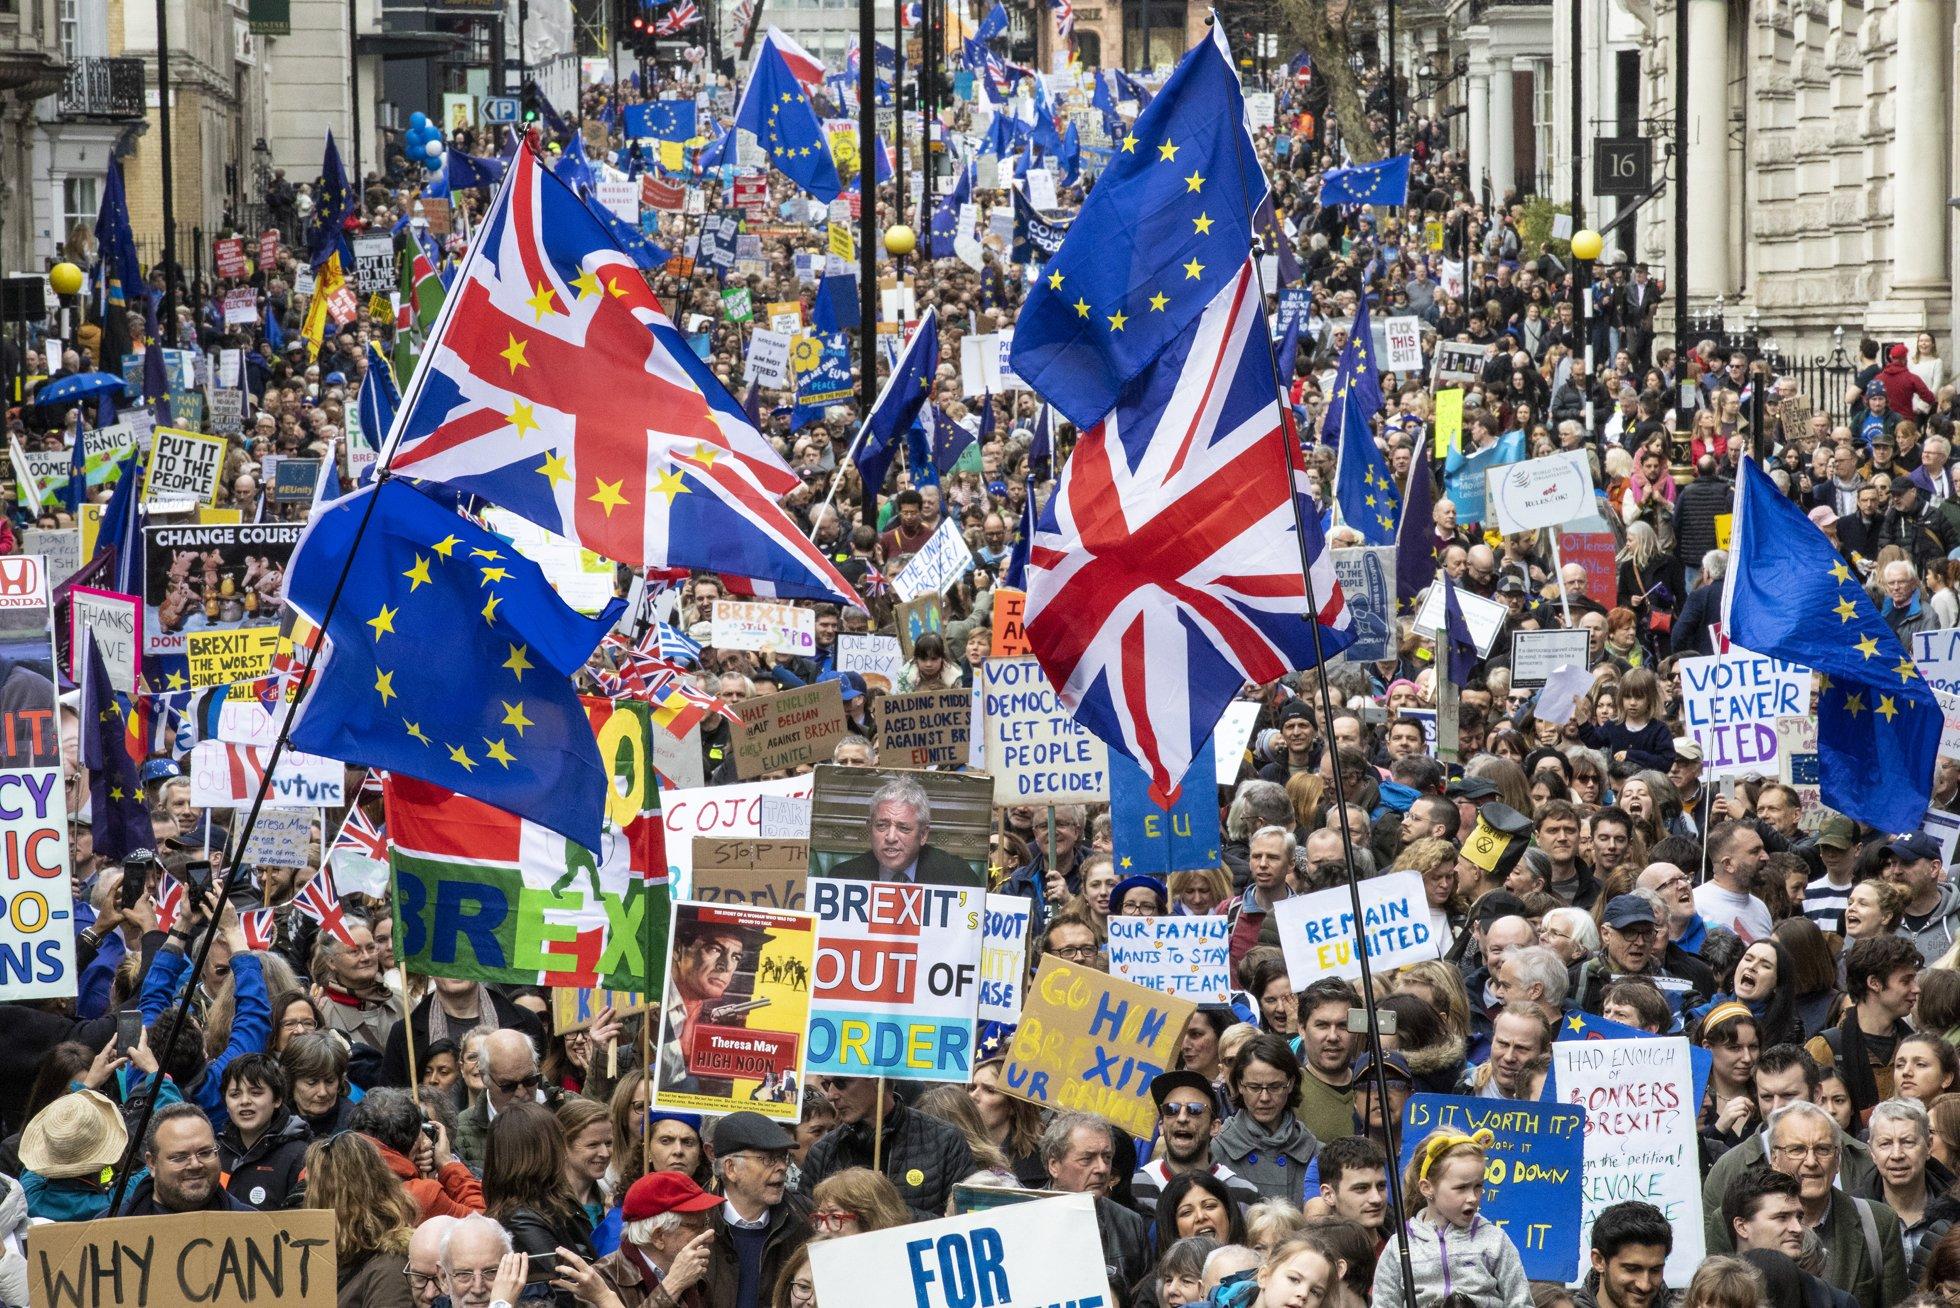 Марш в поддержку второго референдума по Brexit прошел в Лондоне